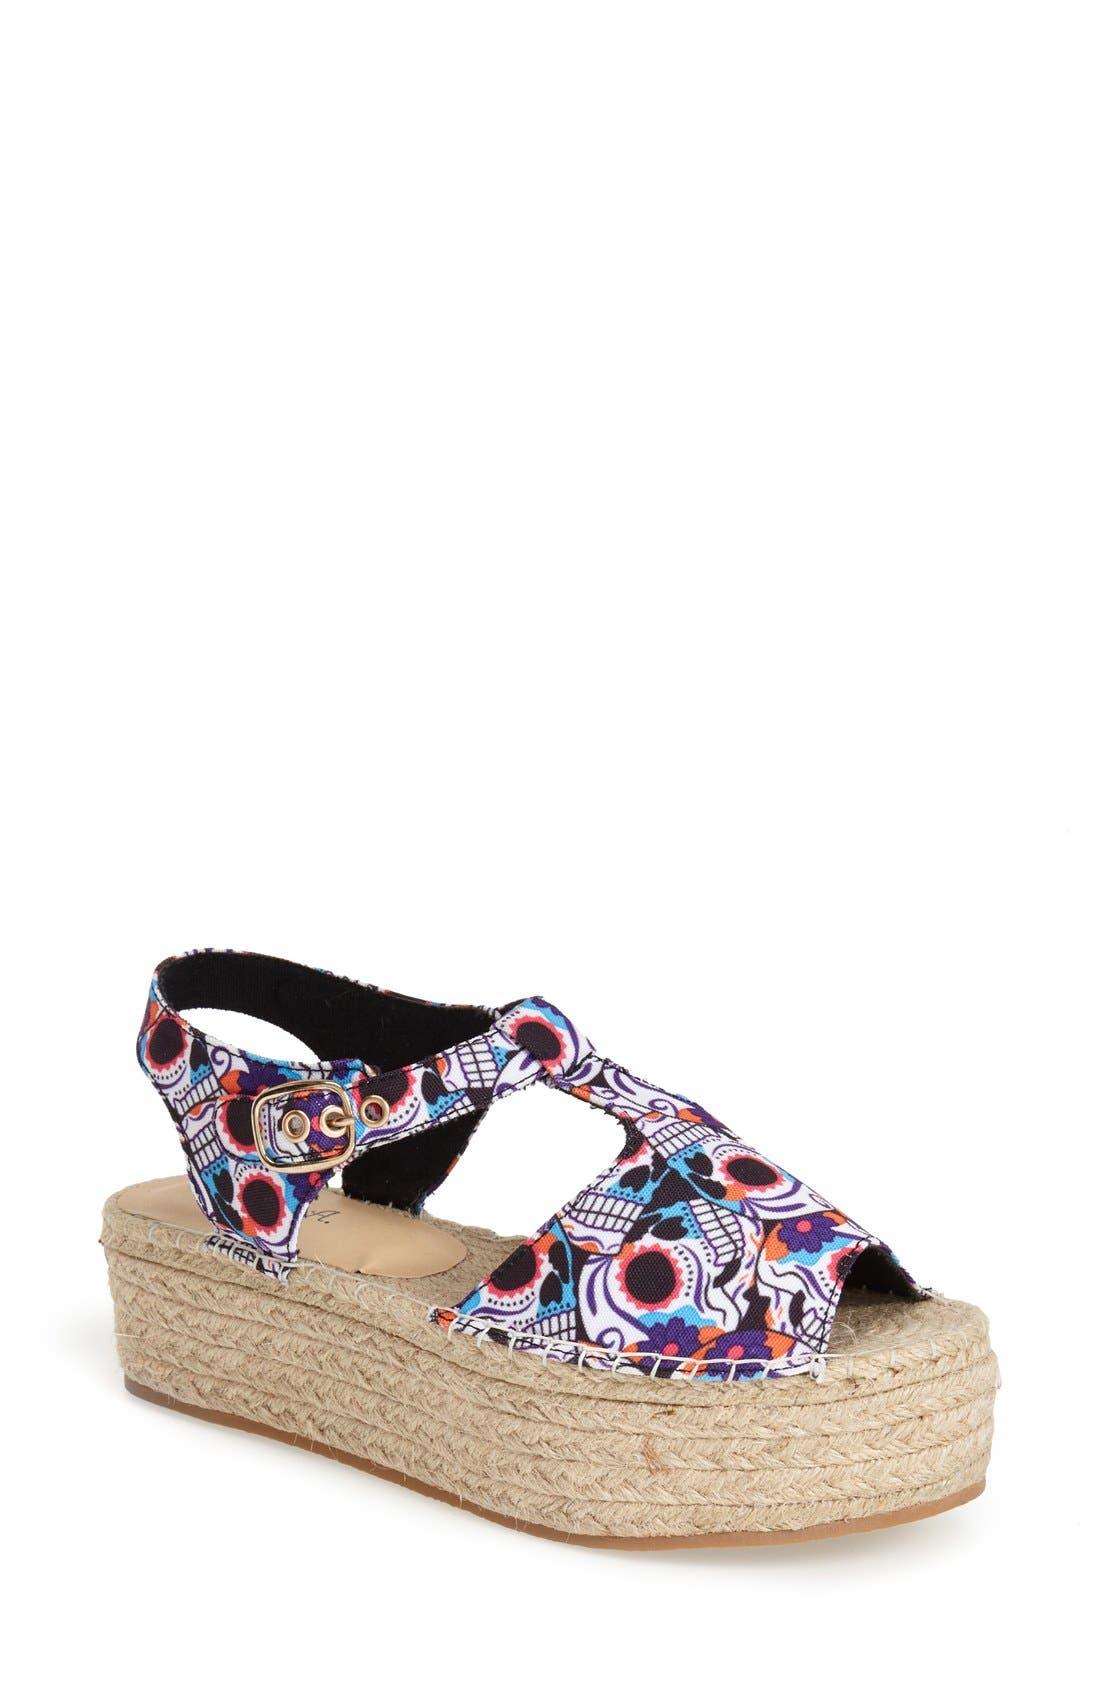 Alternate Image 1 Selected - N.Y.L.A. 'Alstacia' Espadrille Platform Sandal (Women)